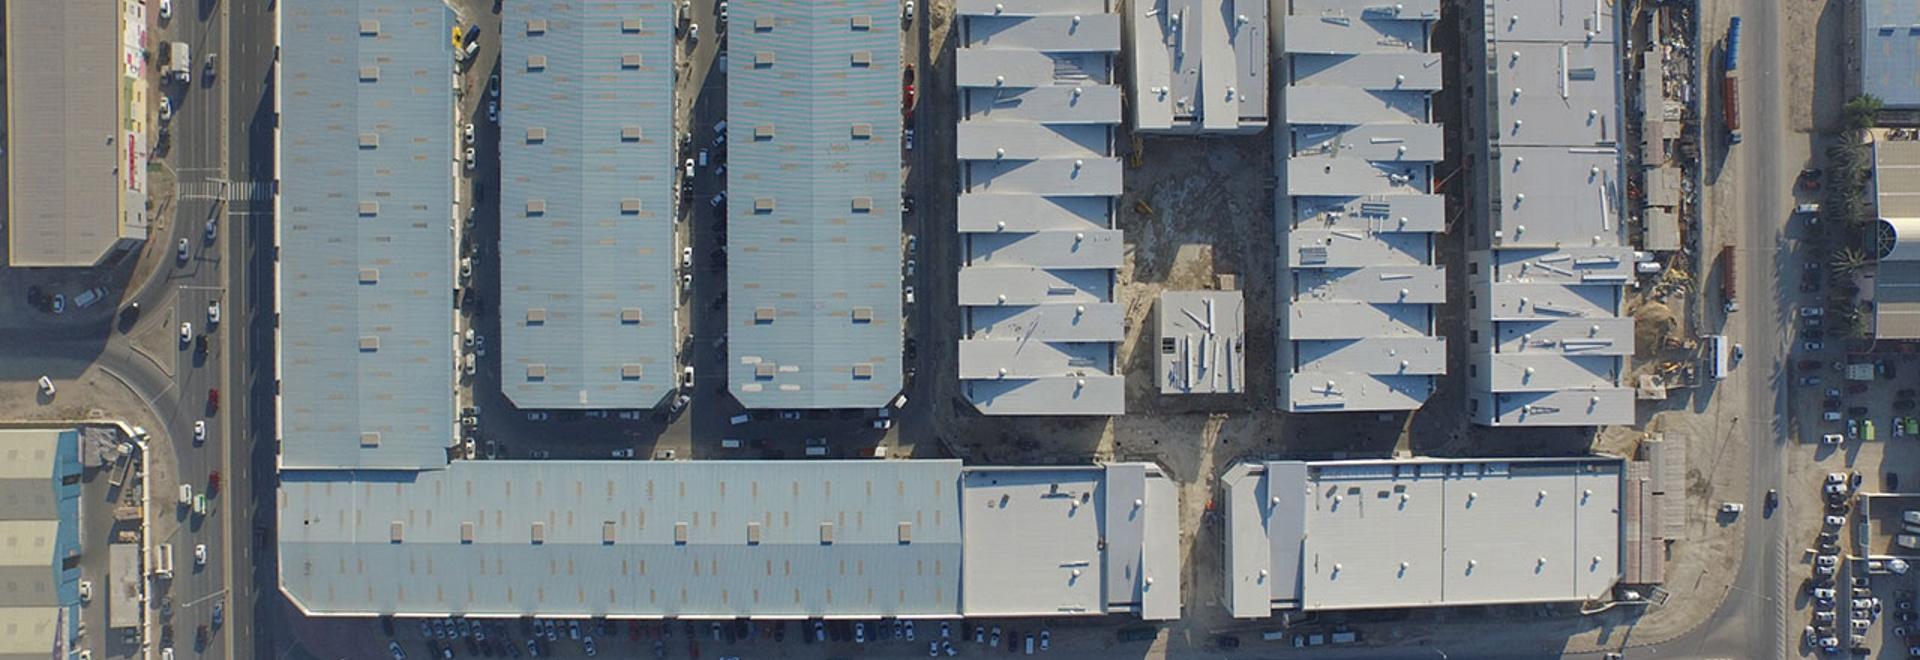 Opinión aérea de la avenida de Alserkal. Avenida de Alserkal de la cortesía de la foto.